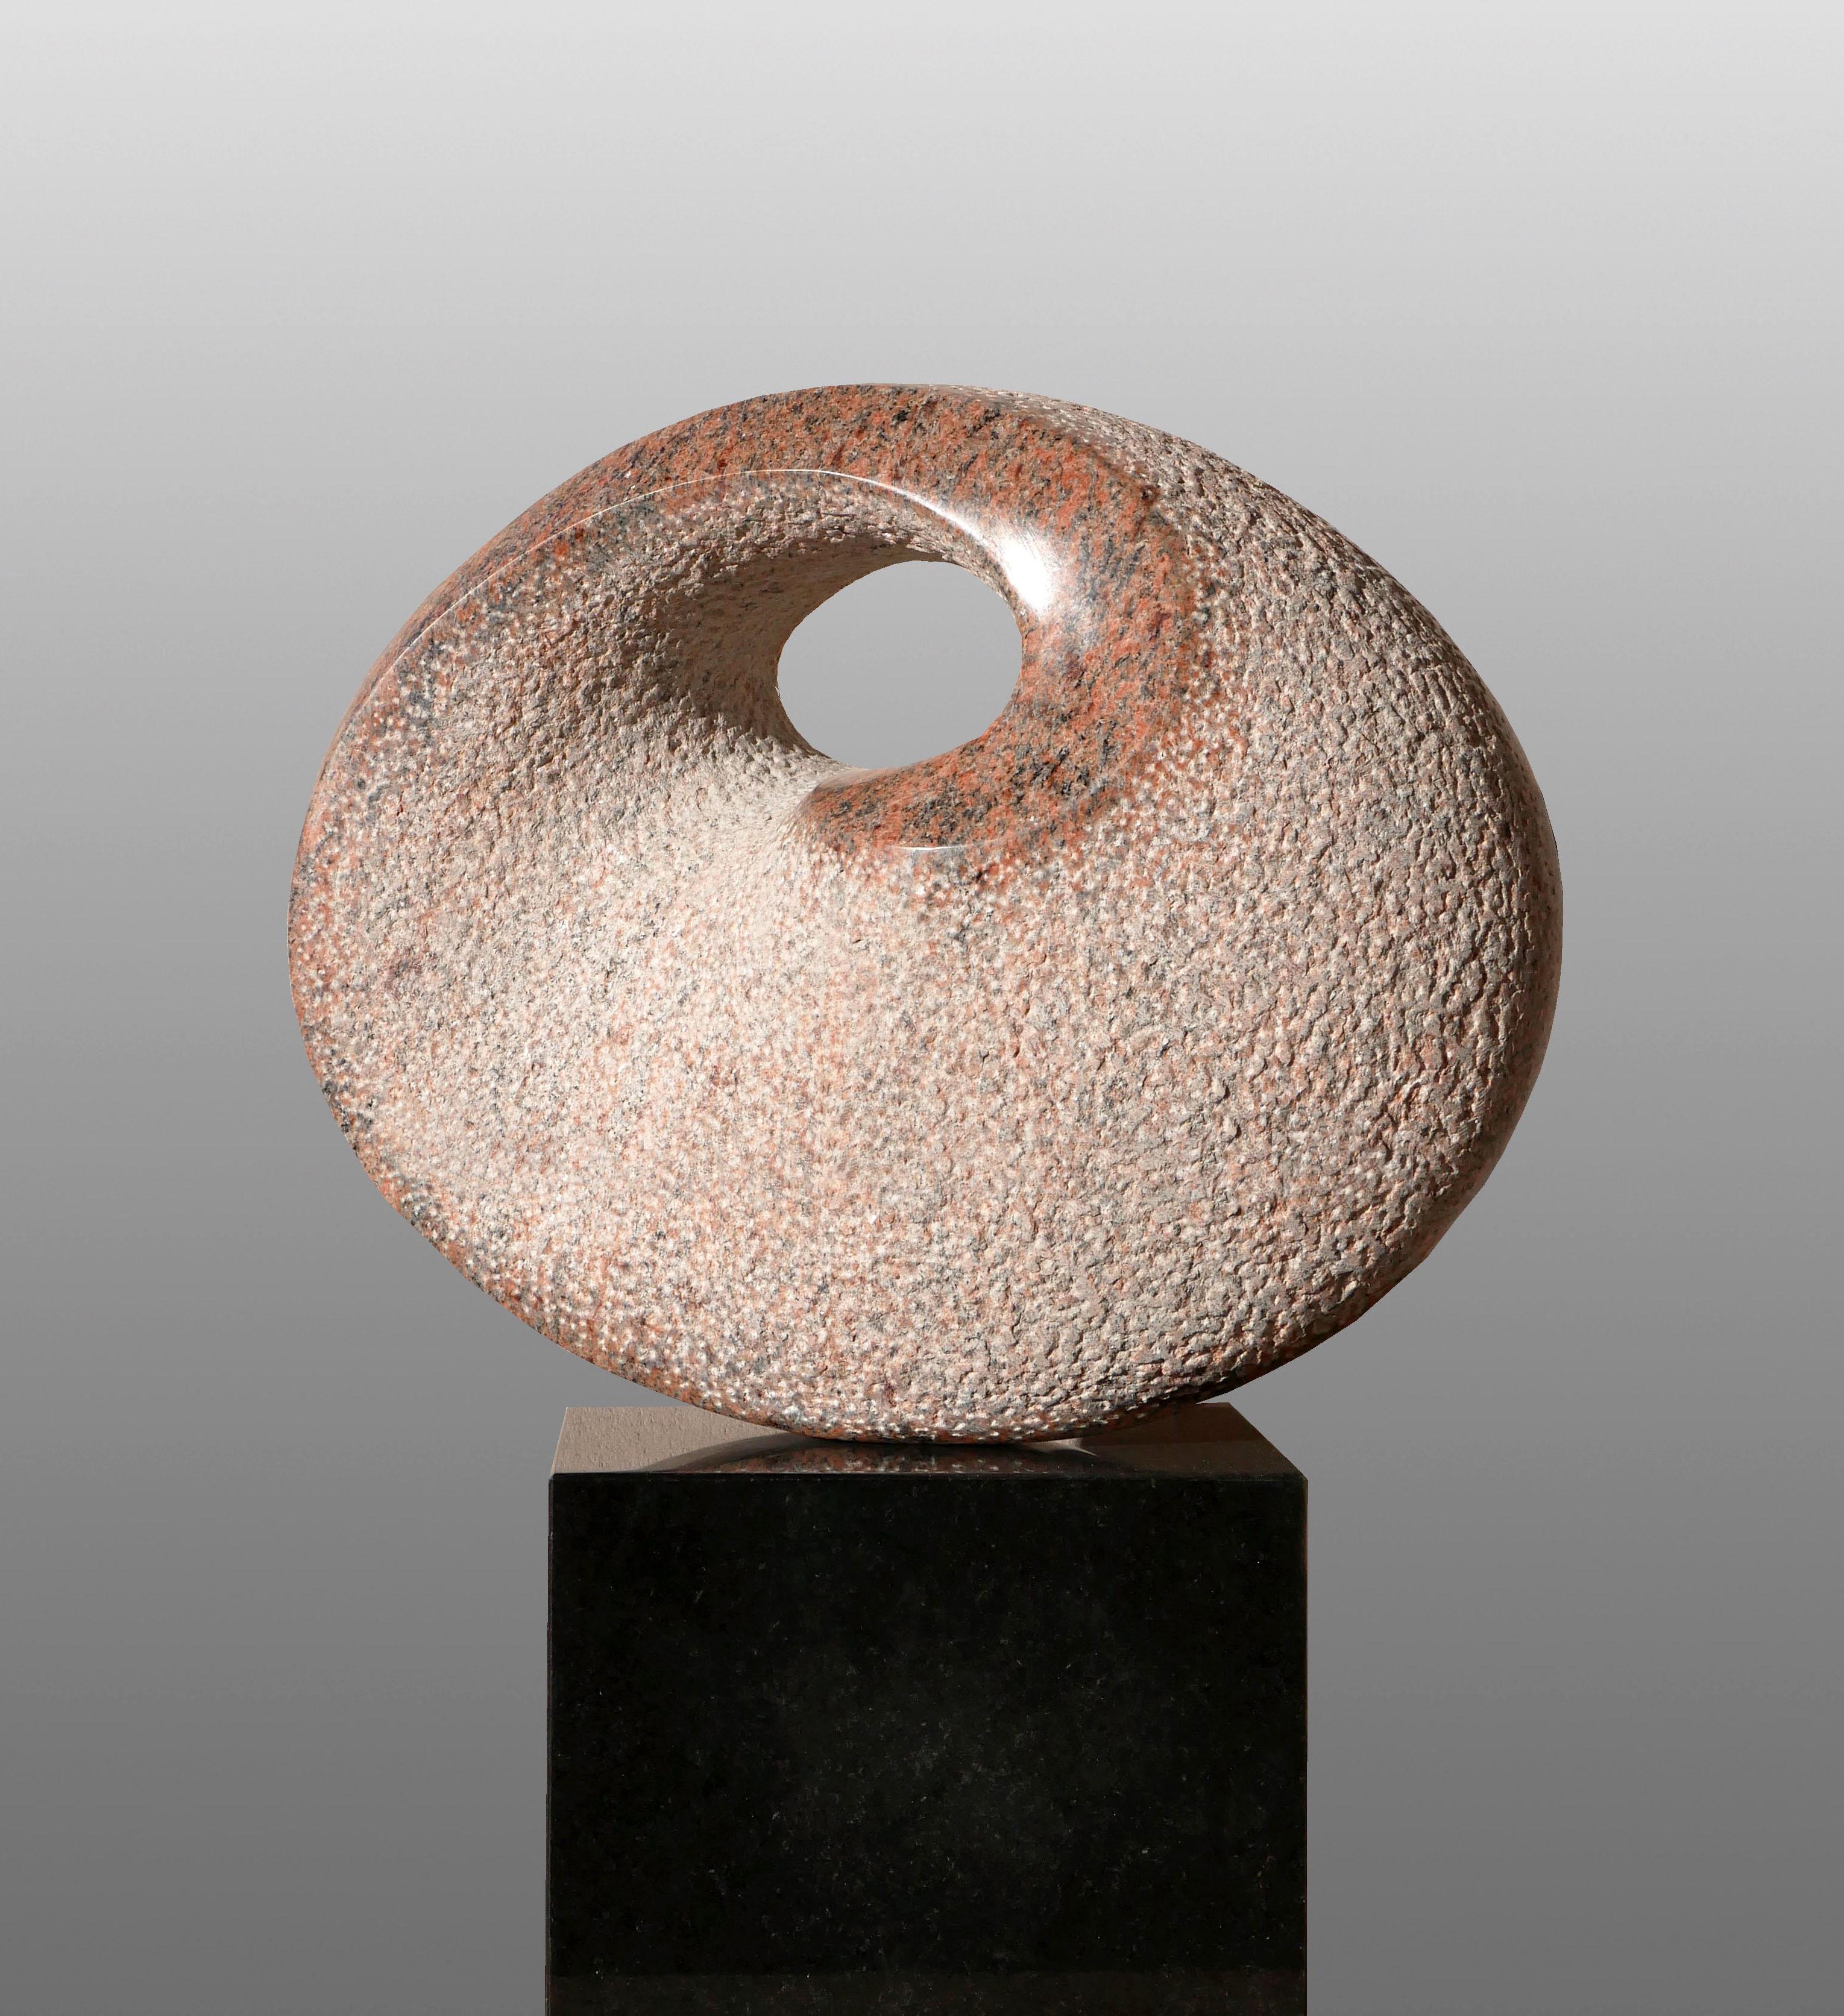 De Bloem, graniet, 56x45x19 cm, verkocht